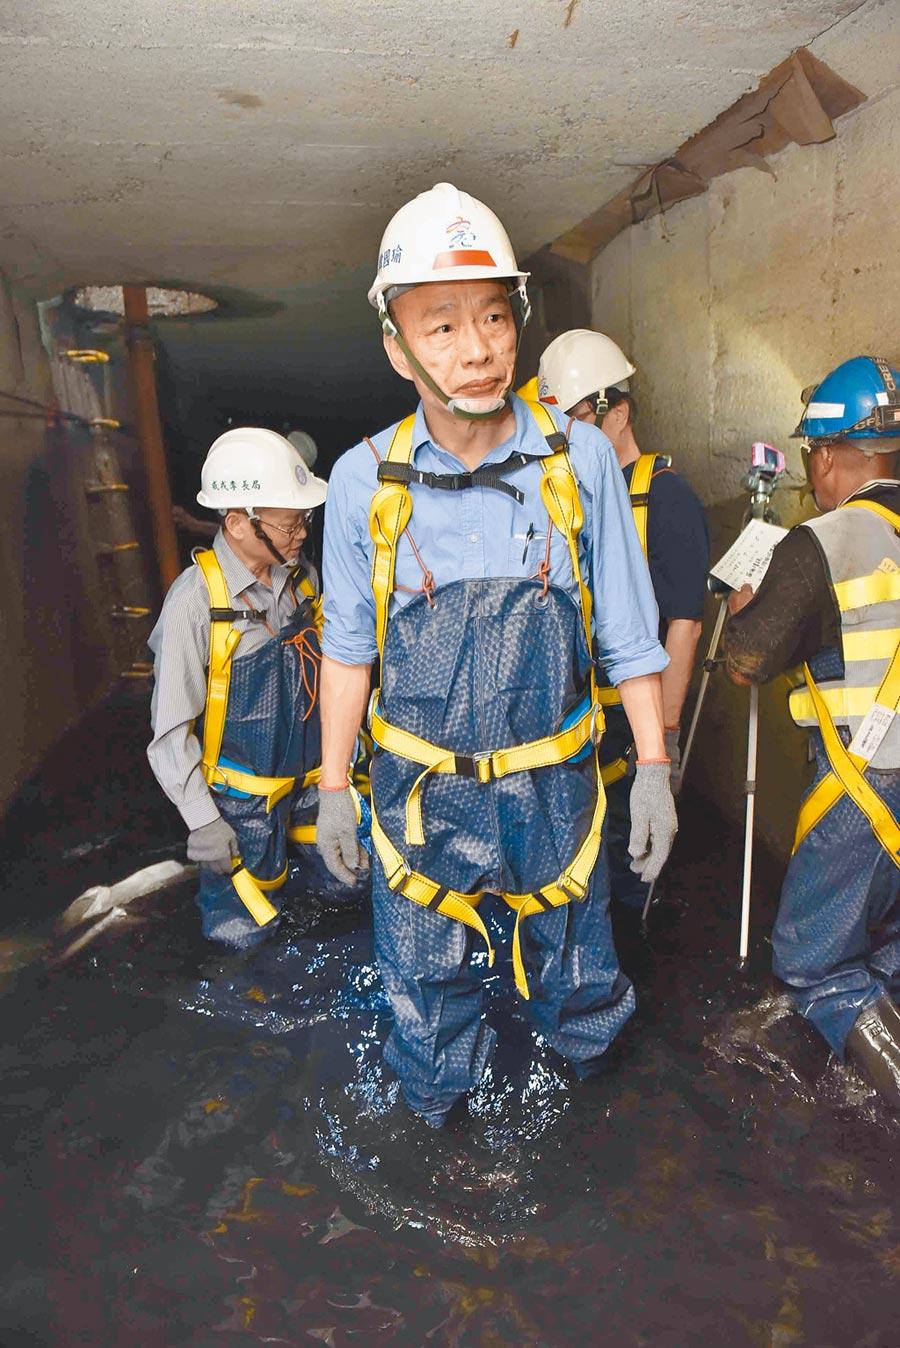 高雄巿長韓國瑜日前穿青蛙裝進入三民區同盟二路與自立一路口視察下水道。(本報資料照片)